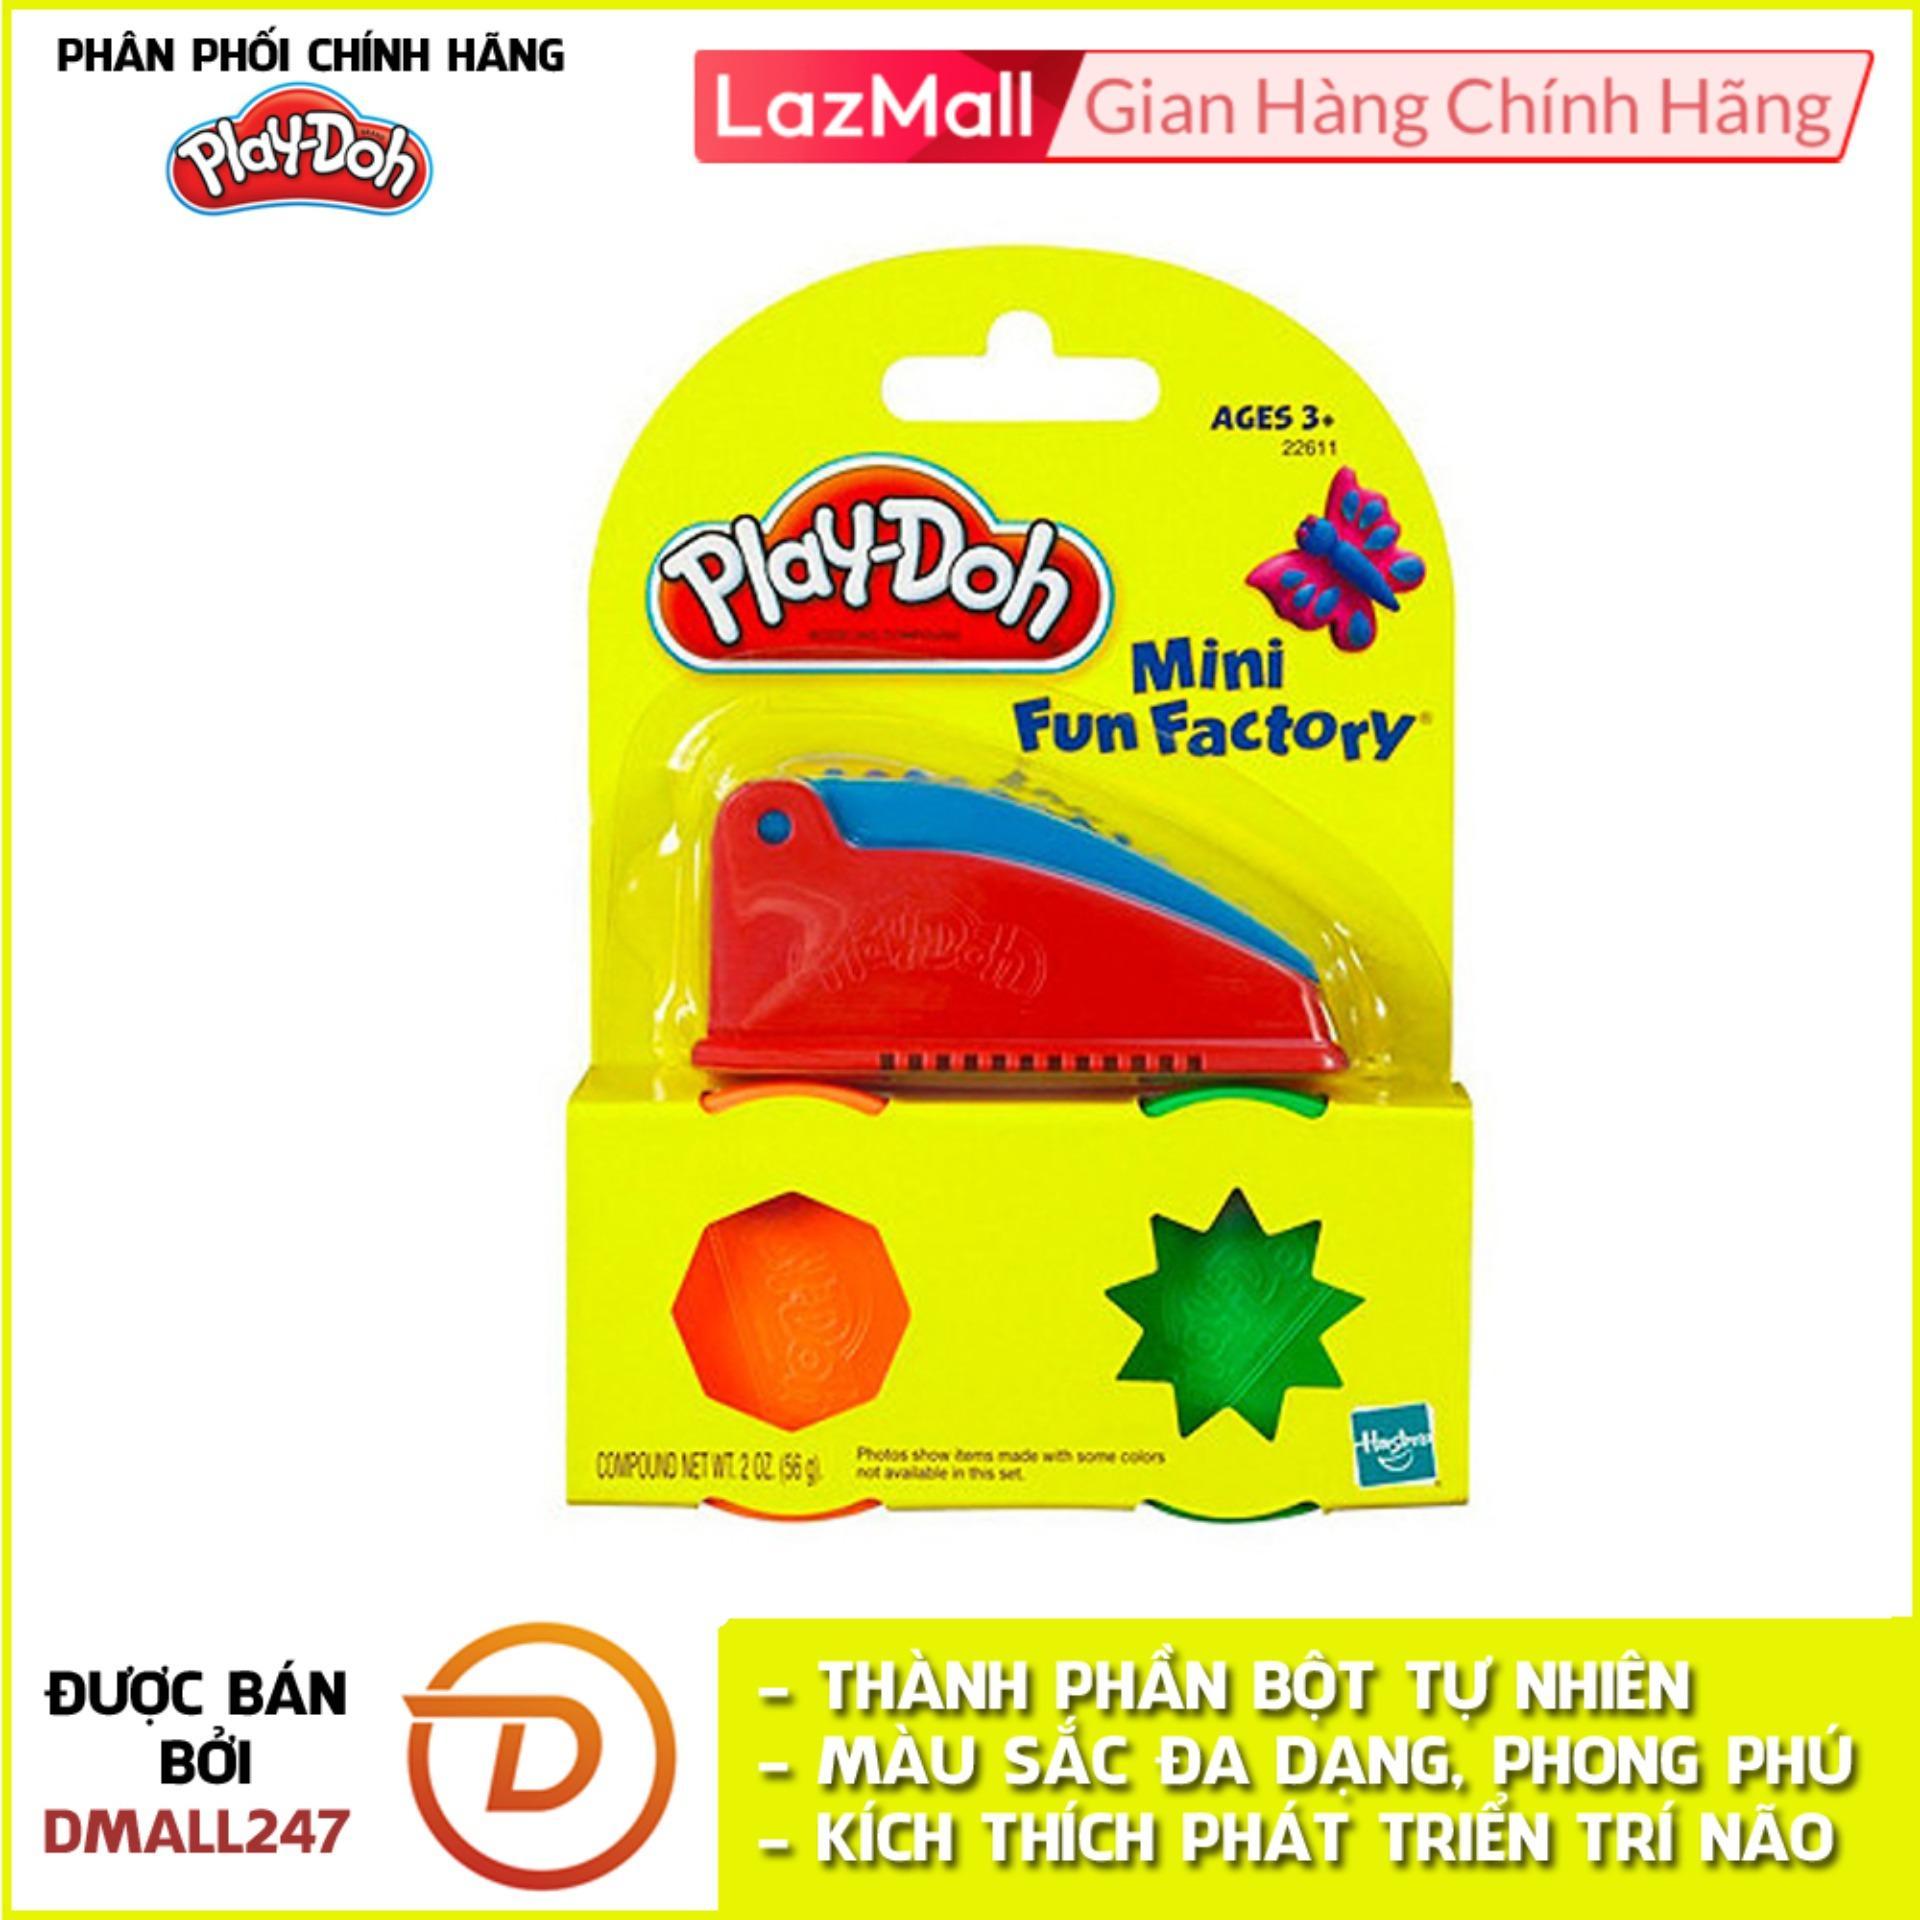 Bộ Bột Nặn Tạo Hình Nhà Máy Vui Vẻ Mini Play-Doh 22611 Đang Ưu Đãi